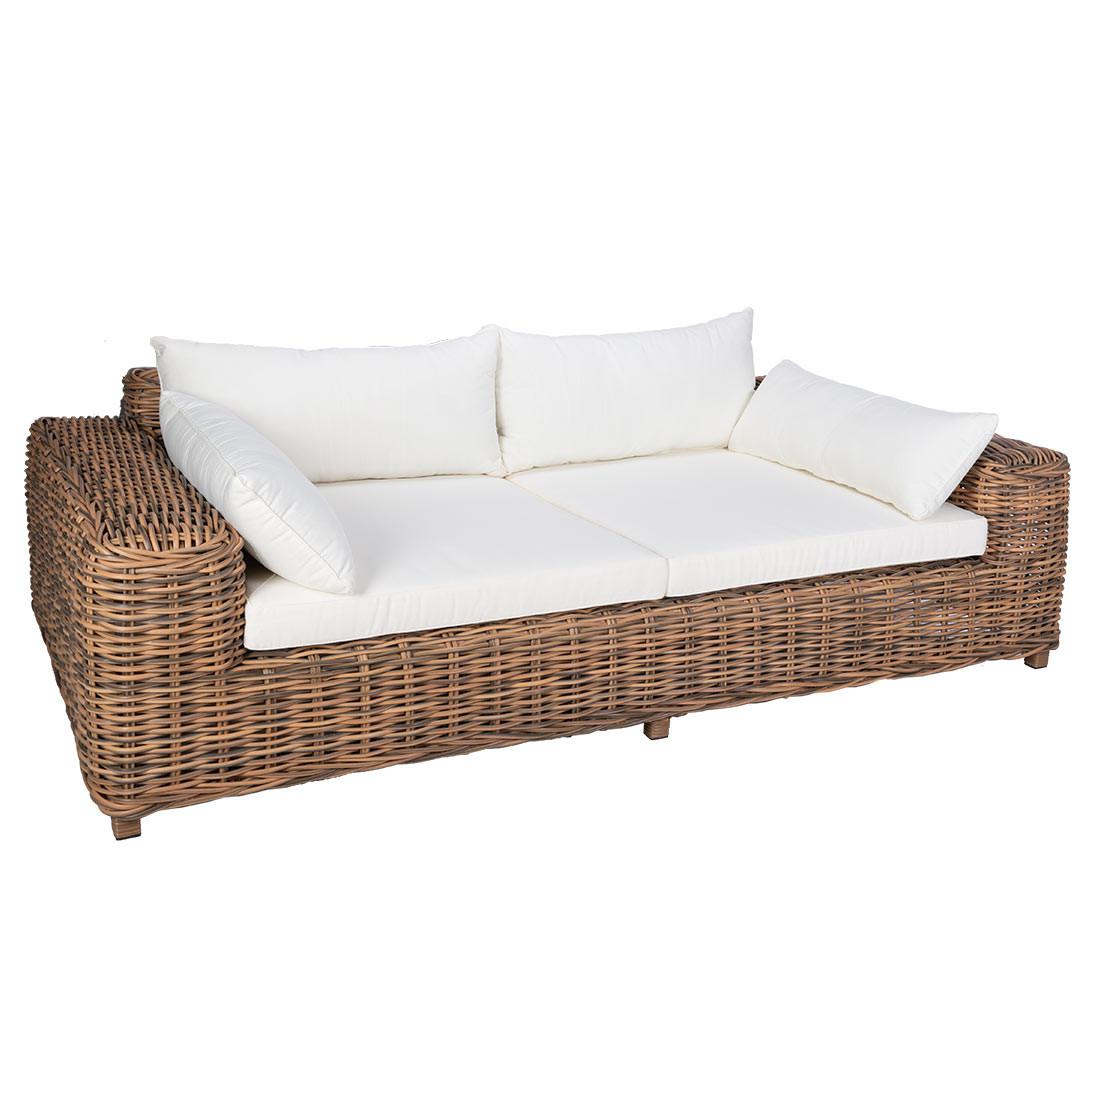 Full Size of Loungemöbel Balkon Outliv Versailles Luxury 2 Sitzer Sofa Geflecht Garten Und Freizeit Holz Günstig Wohnzimmer Loungemöbel Balkon